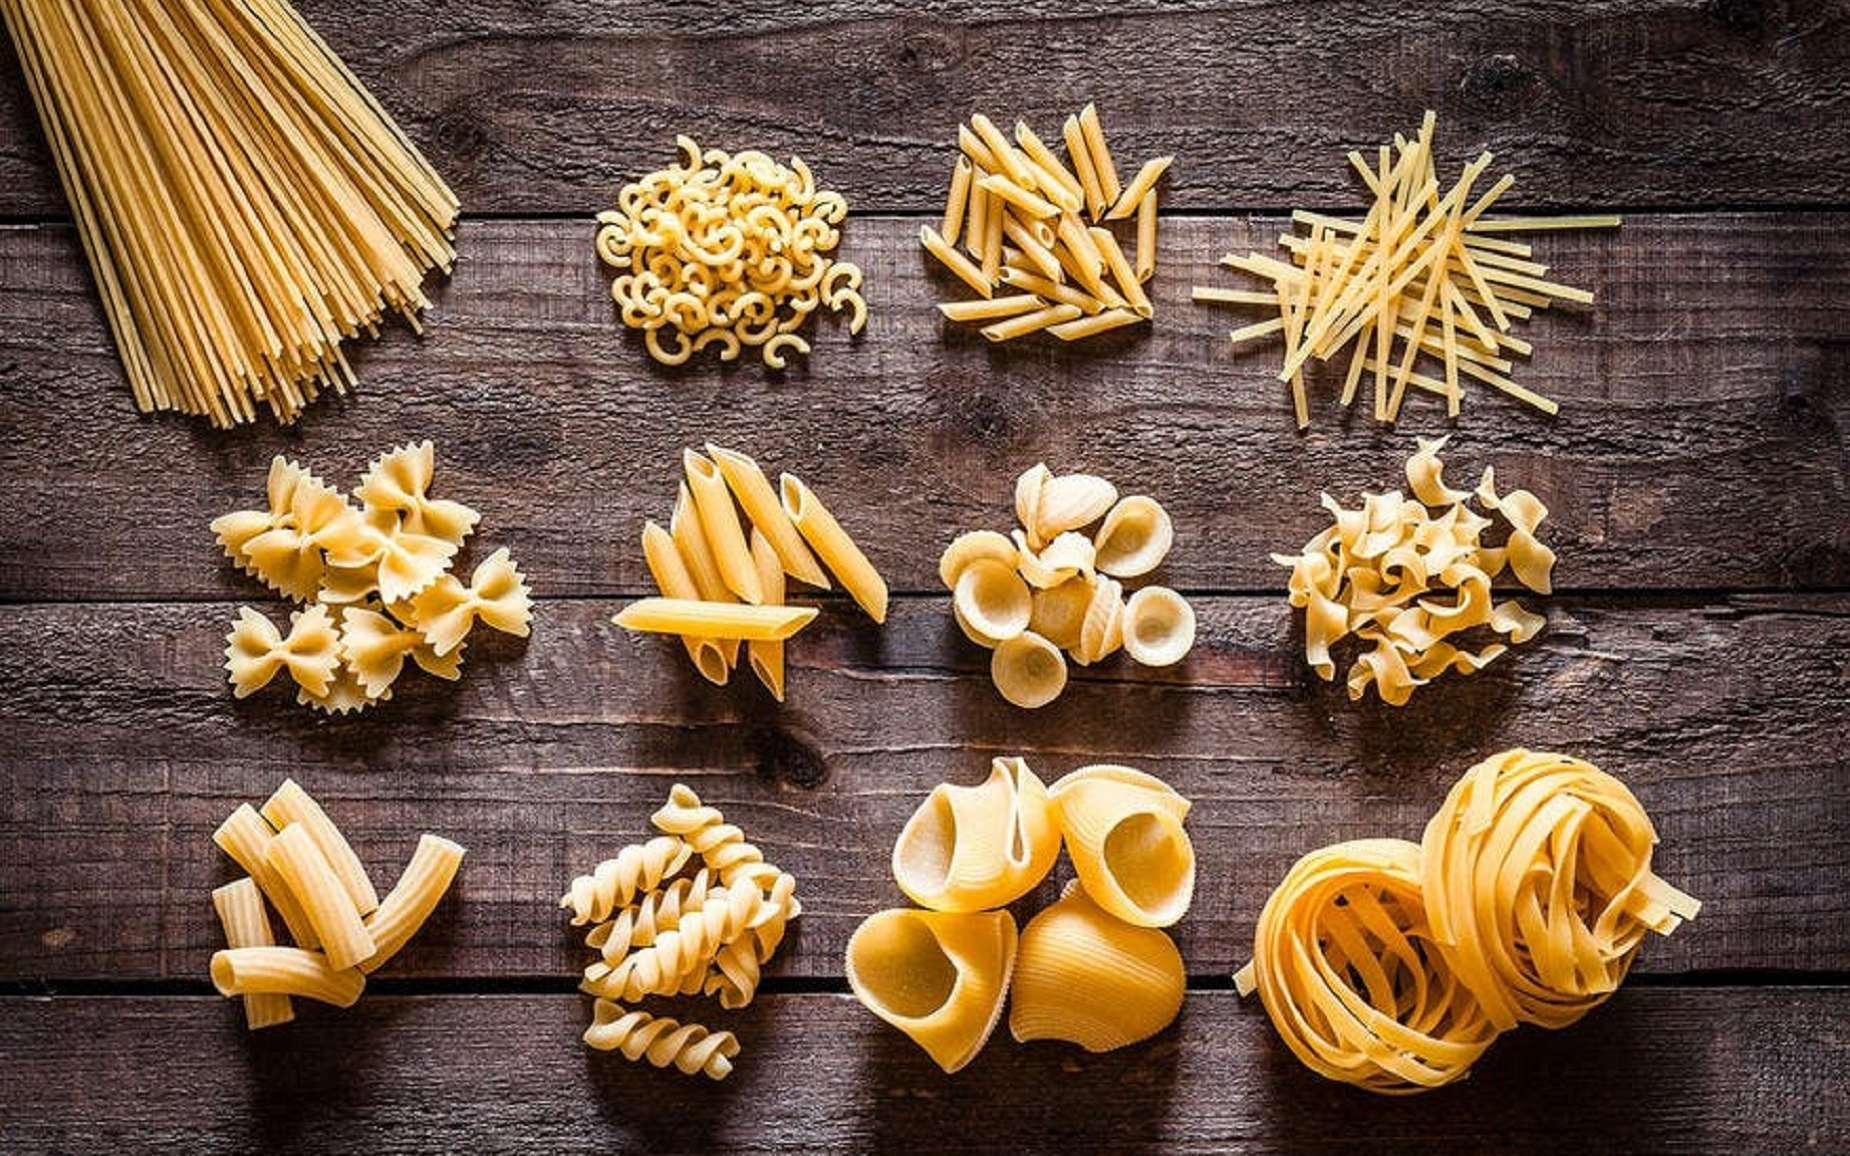 Sélection de pâtes sèches ; site Régal. © Photo : Istock.